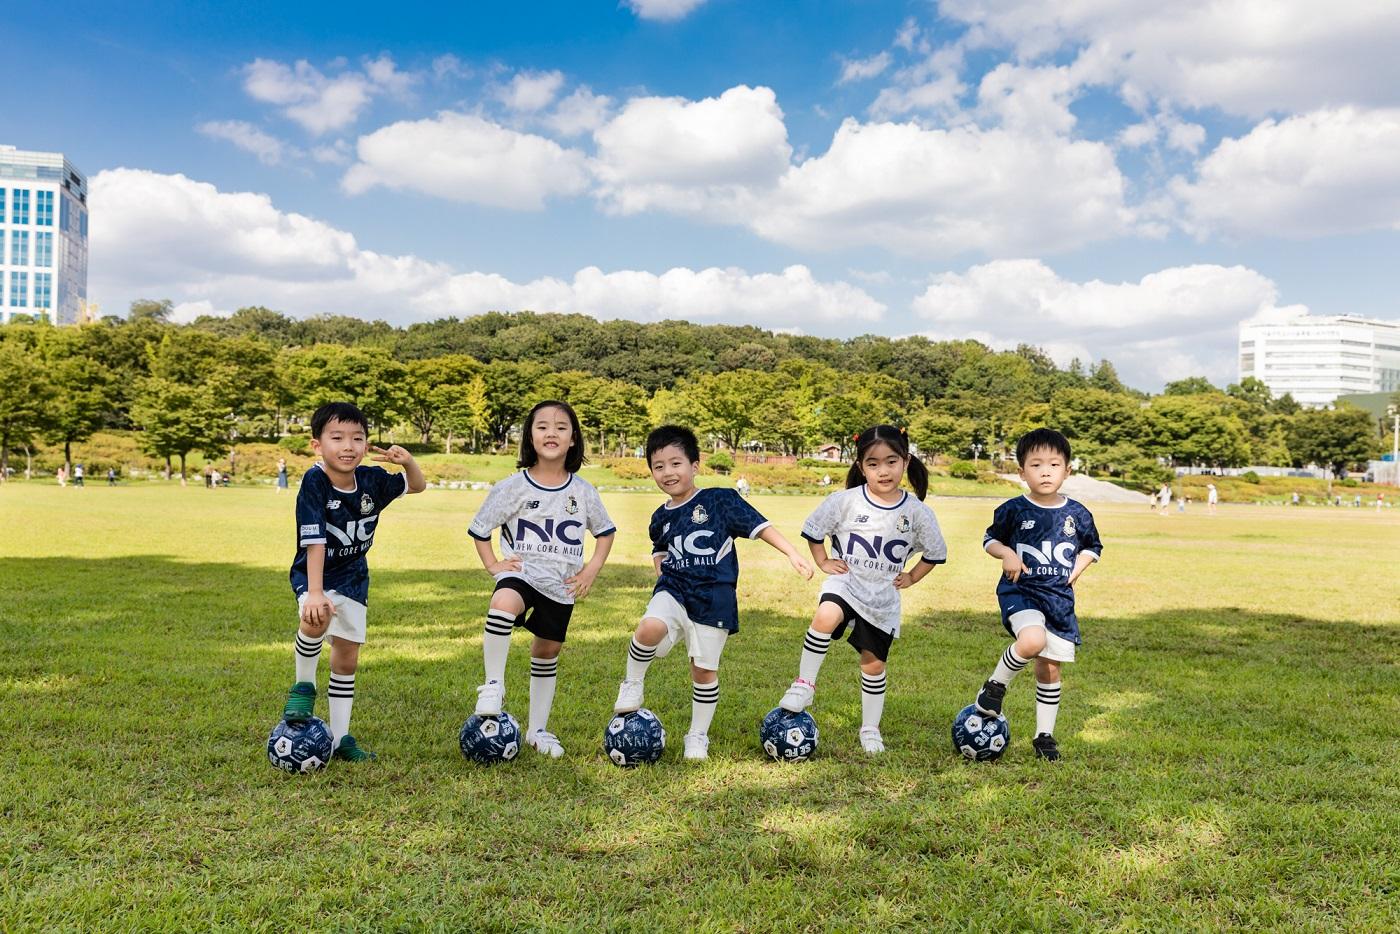 서울 이랜드, 켄싱턴리조트 청평과 함께 어린이 축구왕 패키지 출시